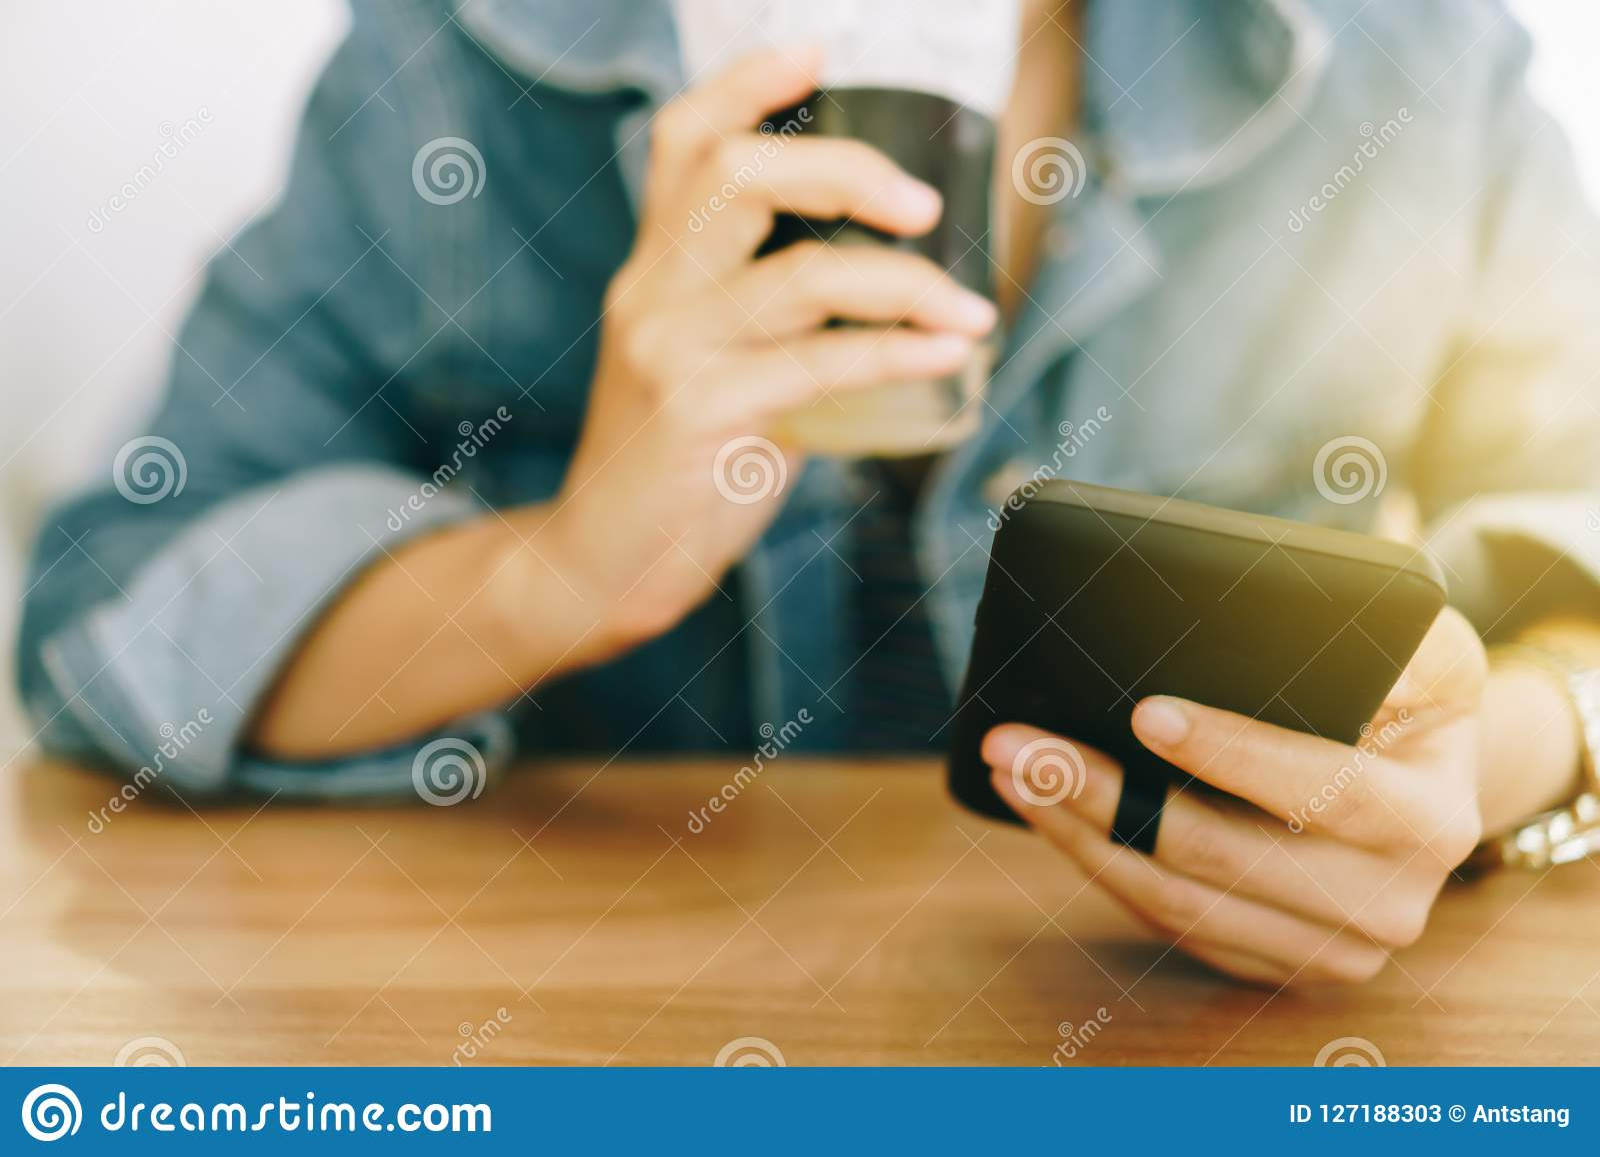 使用智能手机的妇女手,当喝与咖啡馆商店五颜六色的聚焦树荫的咖啡反对美好的backgroun时